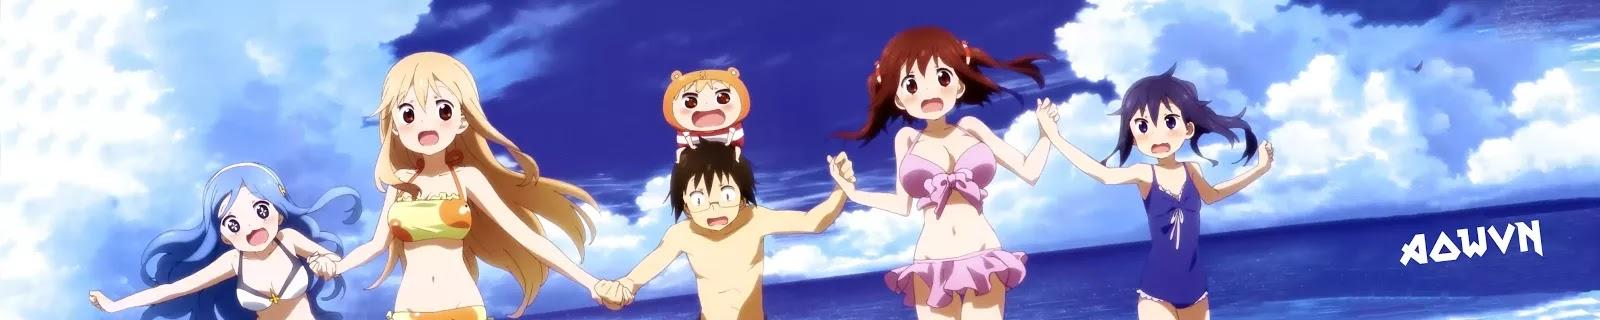 871465 - [ Anime 3gp Mp4 ] Himouto! Umaru-chan R SS2 | Vietsub - Umaru trở lại